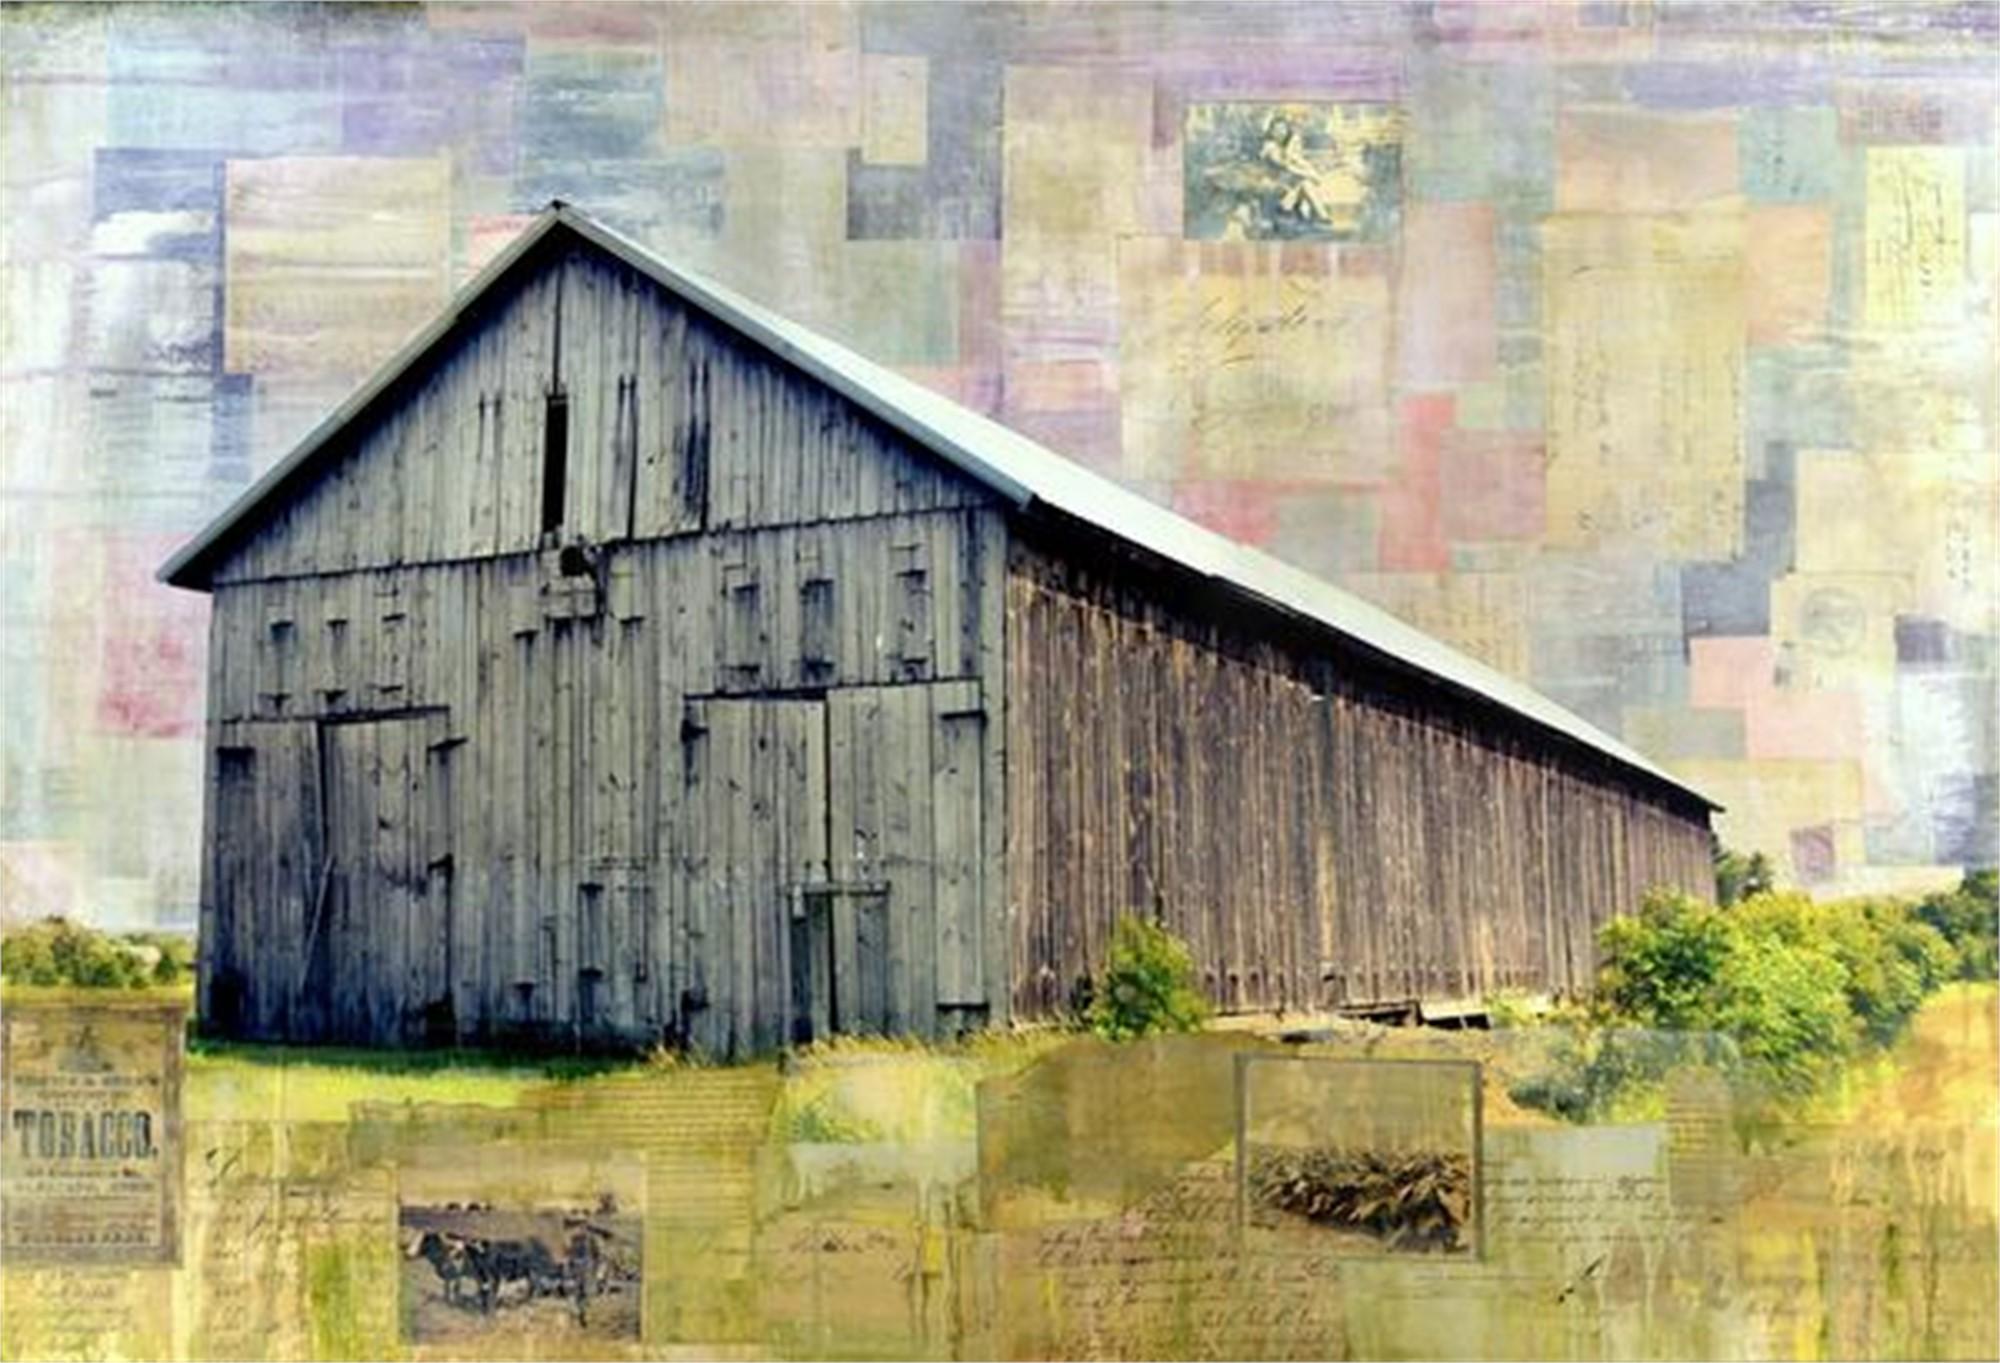 Drying Barn by JC Spock